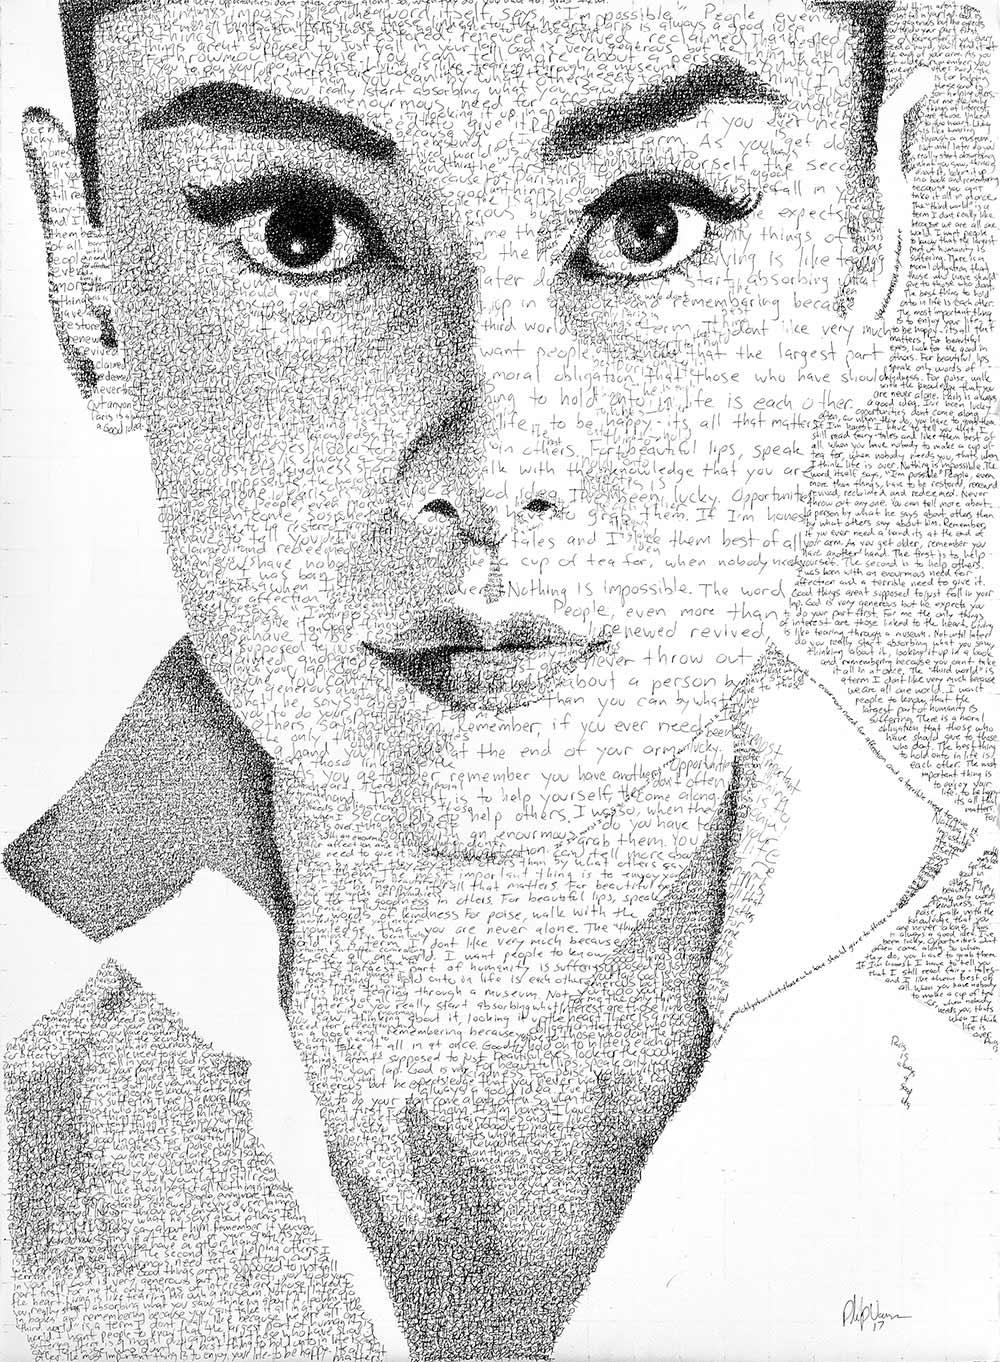 Portraits aus Zitaten In-their-own-words-zitateportraits_Phil-Lance_04